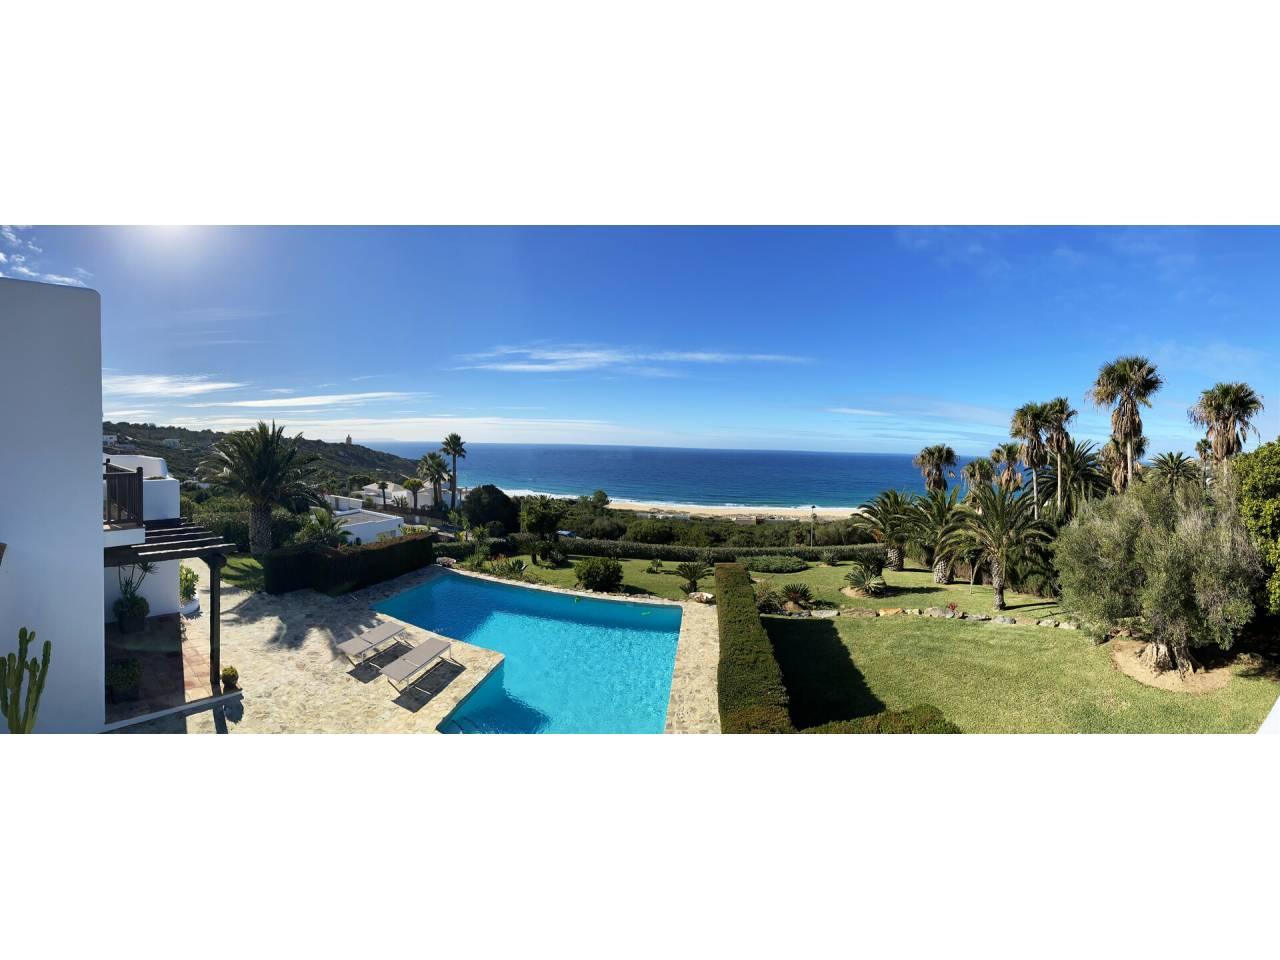 Imagen 54 de Maravilloso Chalet en venta en la zona del Faro Camarinal con vistas panorámicas a la Playa de los Alemanes